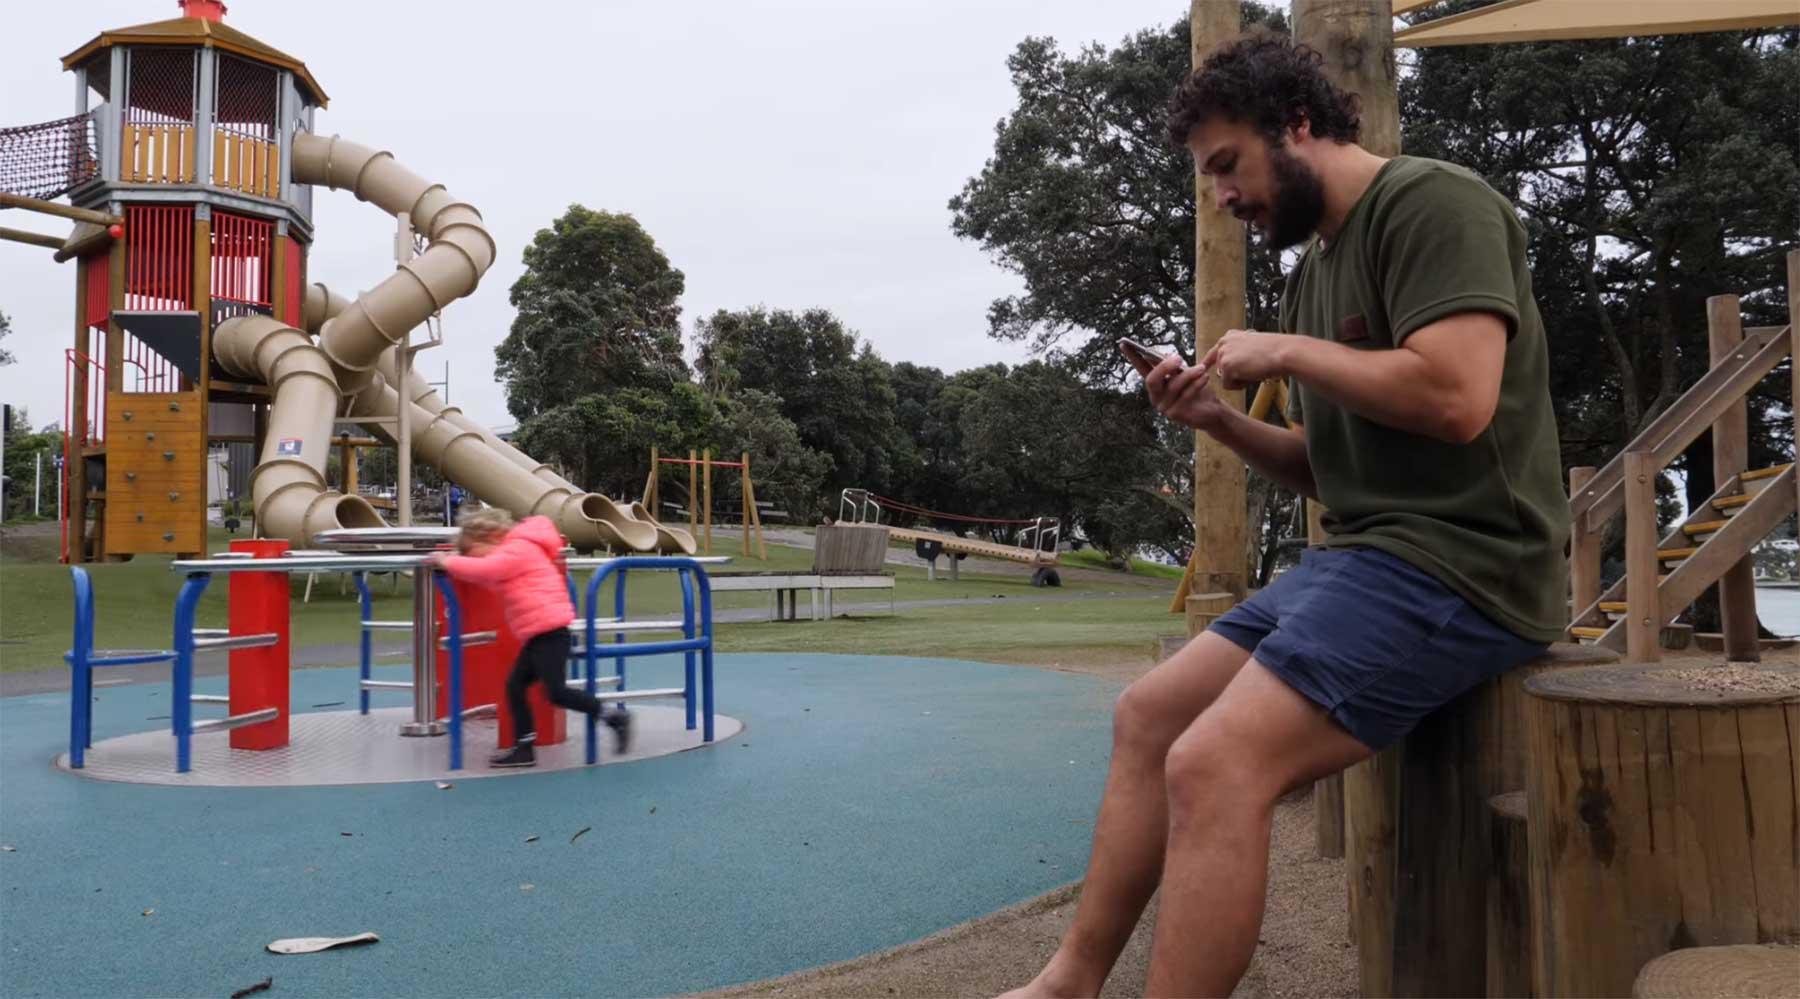 How To DAD: Mit einem Kleinkind auf dem Spielplatz